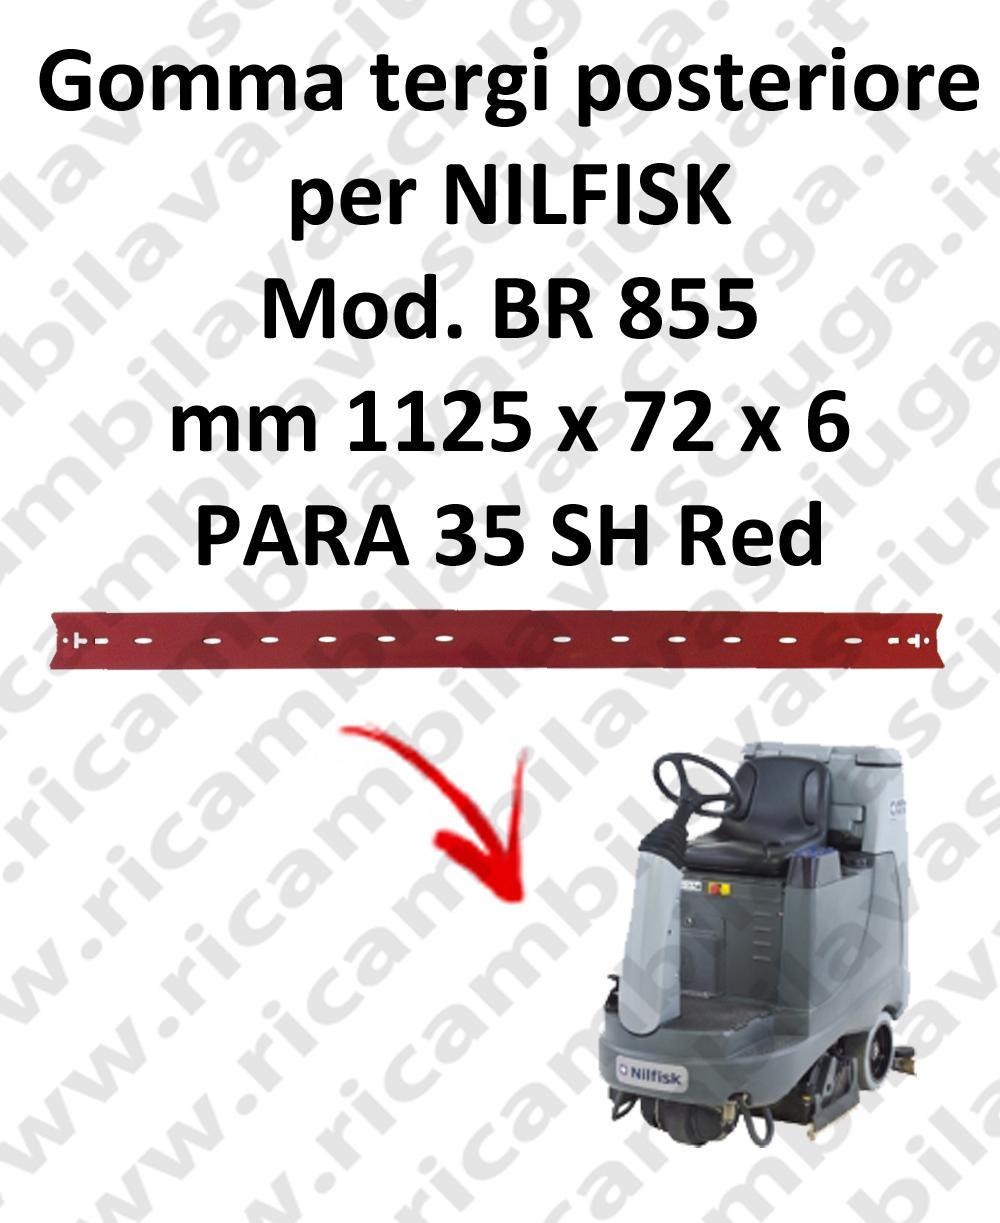 Gomma tergi posteriore per lavapavimenti NILFISK modello BR 855